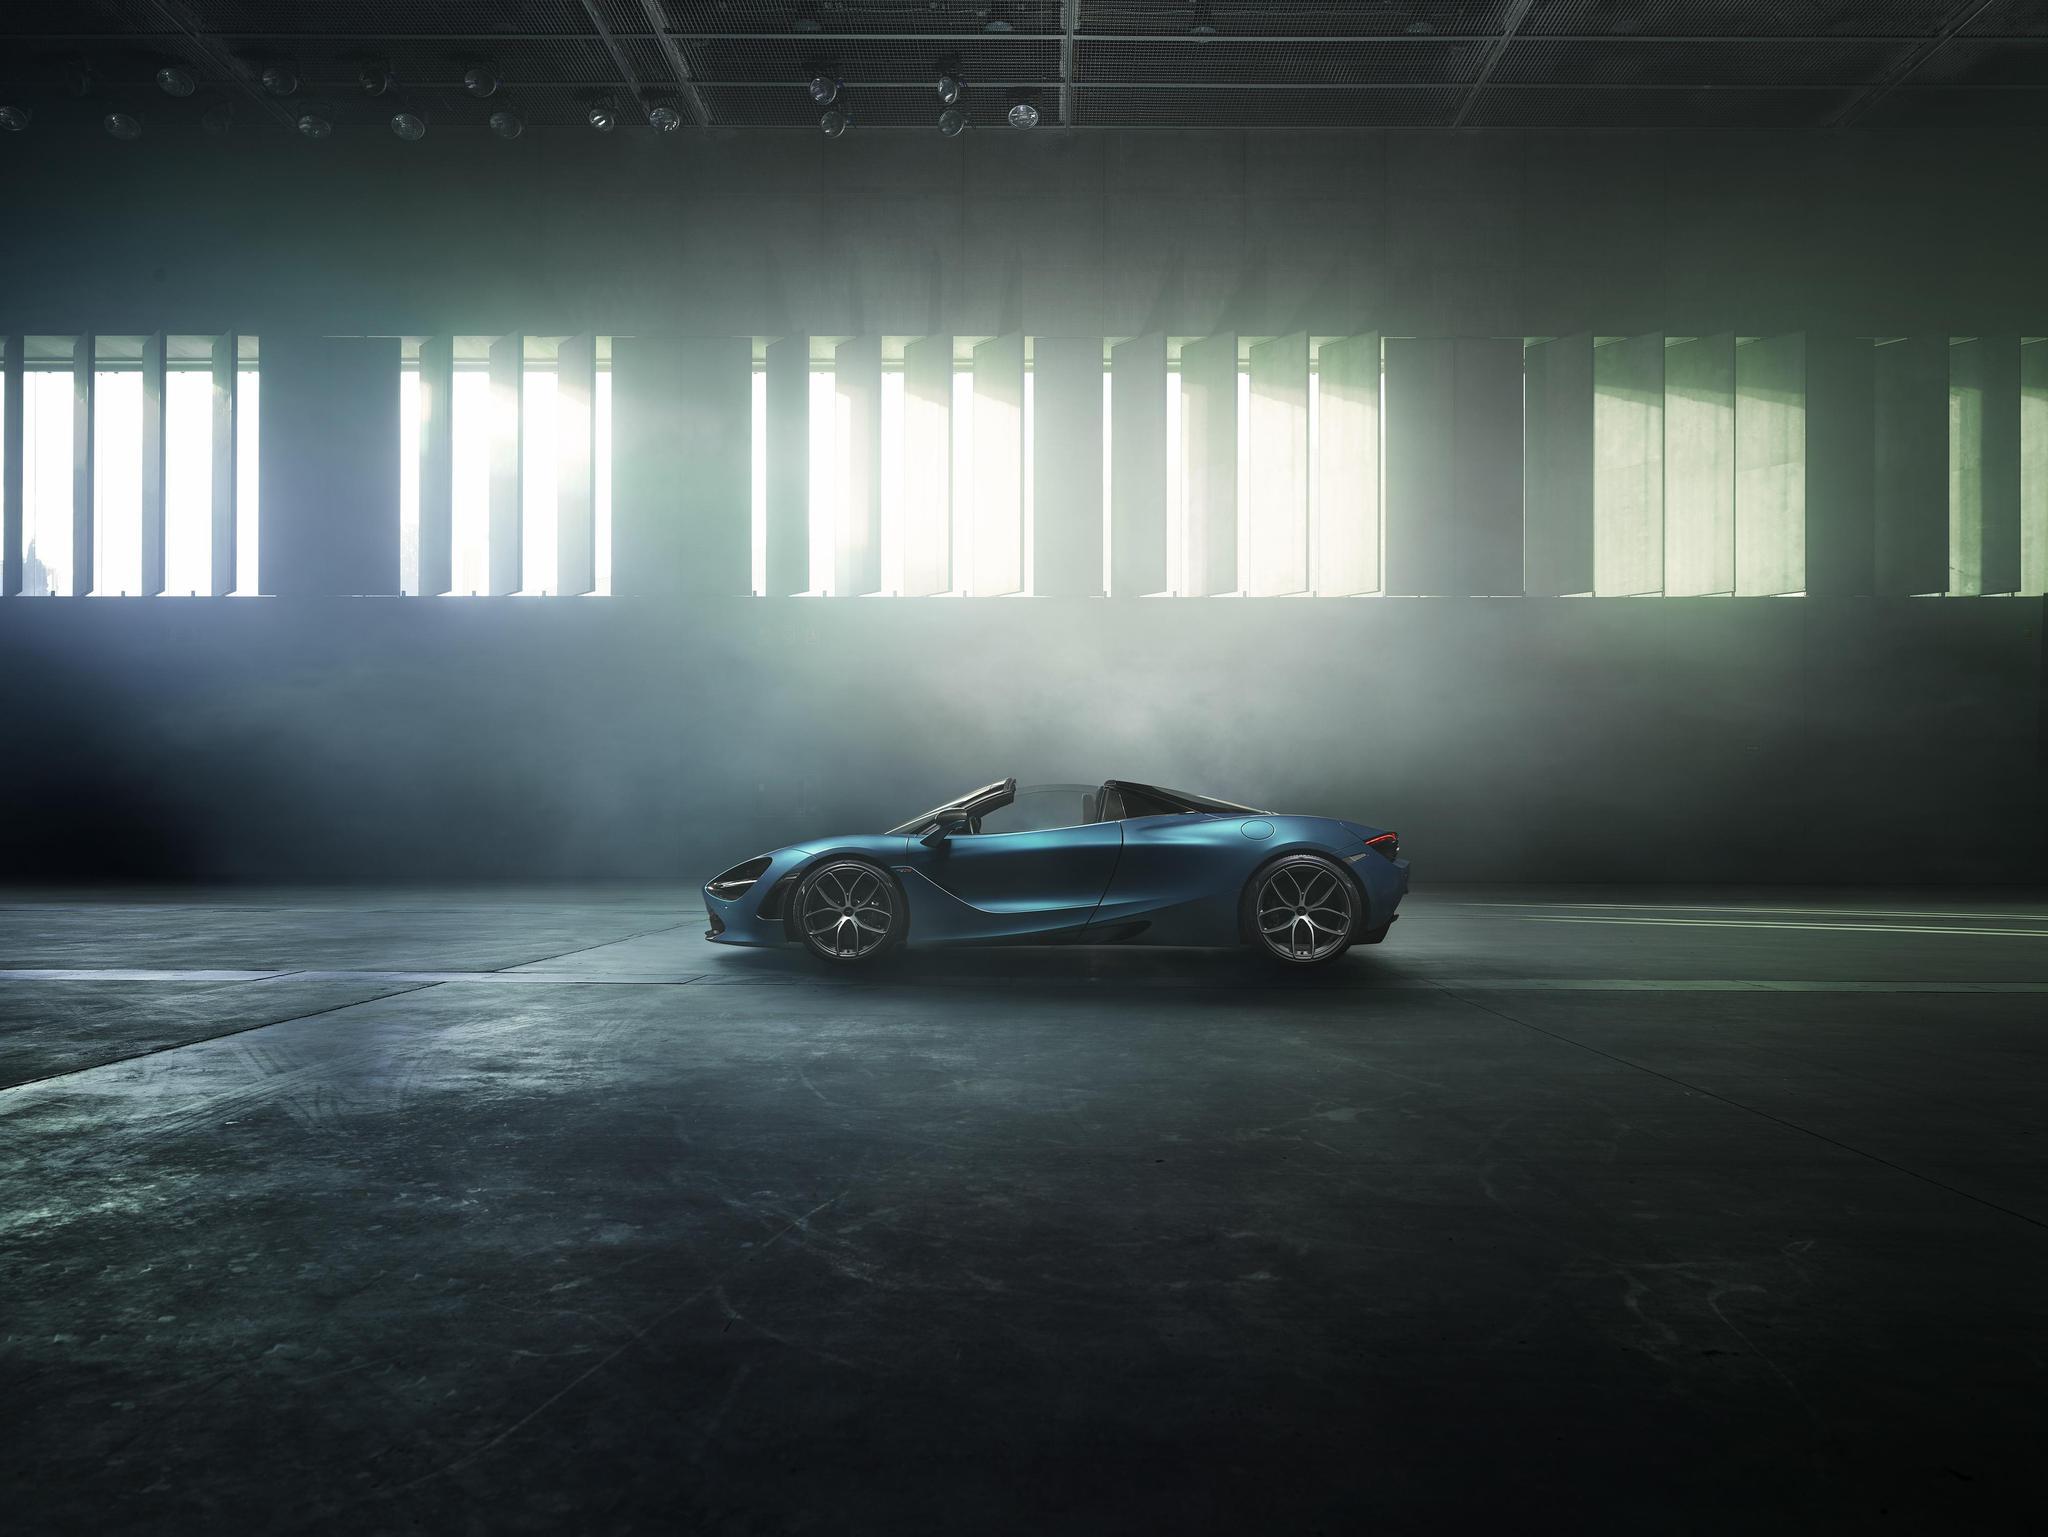 上海车展|超跑市场战火重燃 迈凯伦携重磅新车亮相